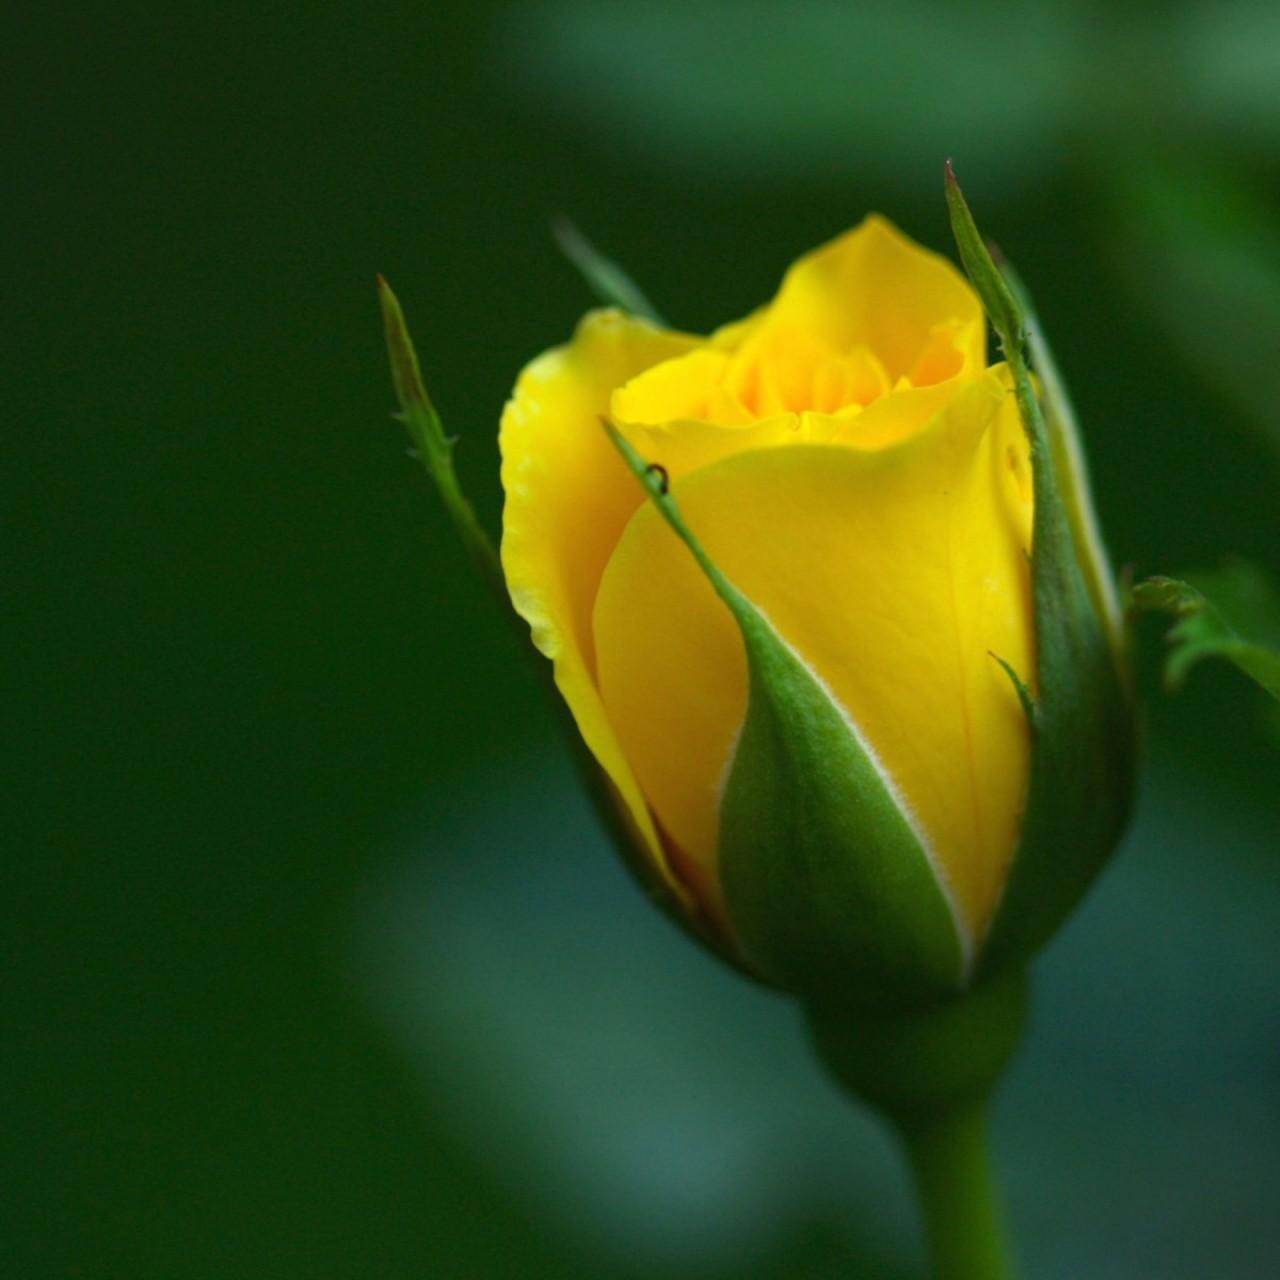 وردة صفراء جميلة صور ورد وزهور Rose Flower Images